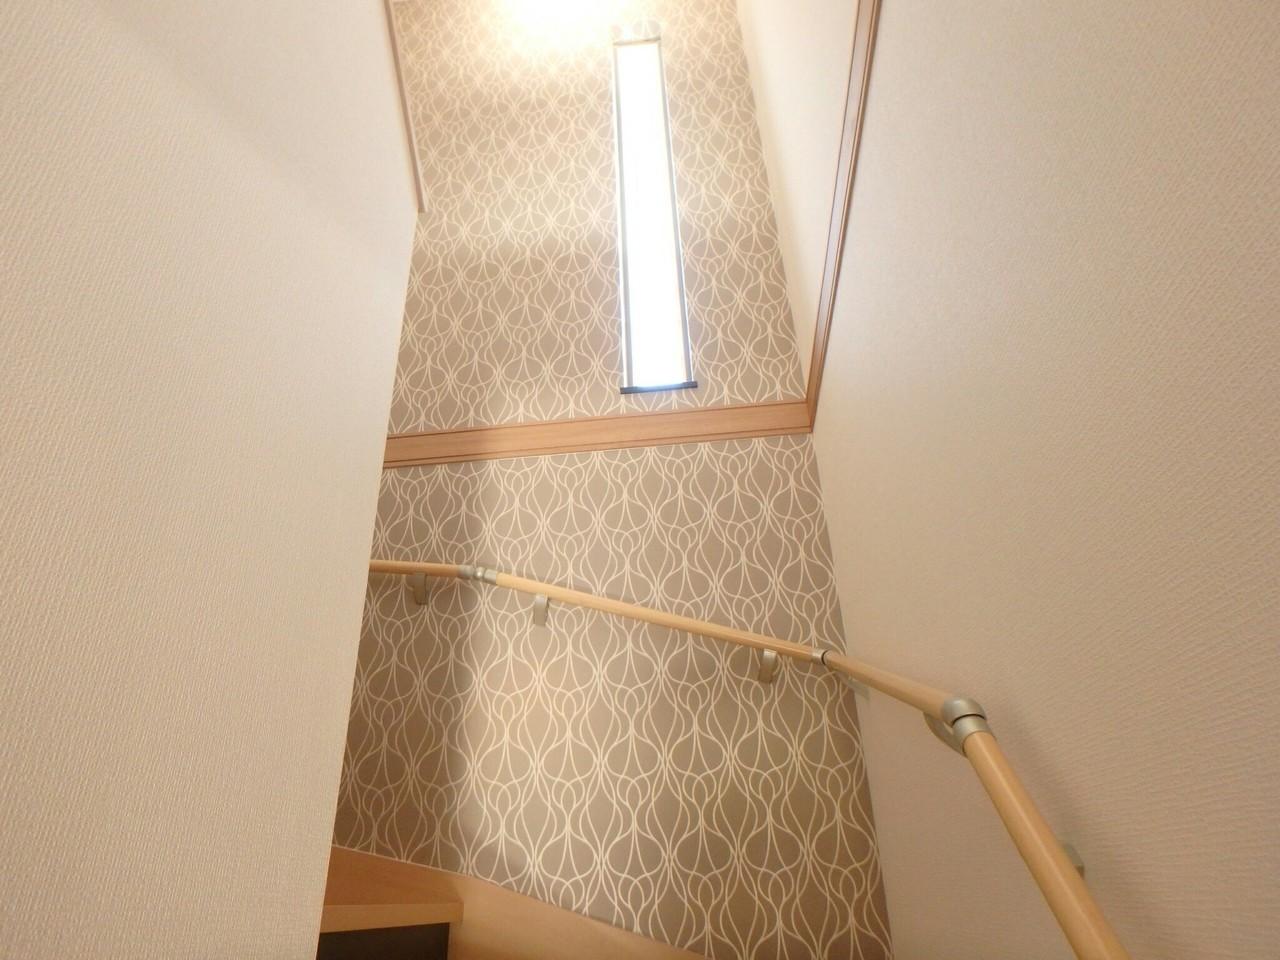 階段にはオシャレなクロスが張られています。 窓付きで気持ちの良い光が差し込む素敵な空間となっています。